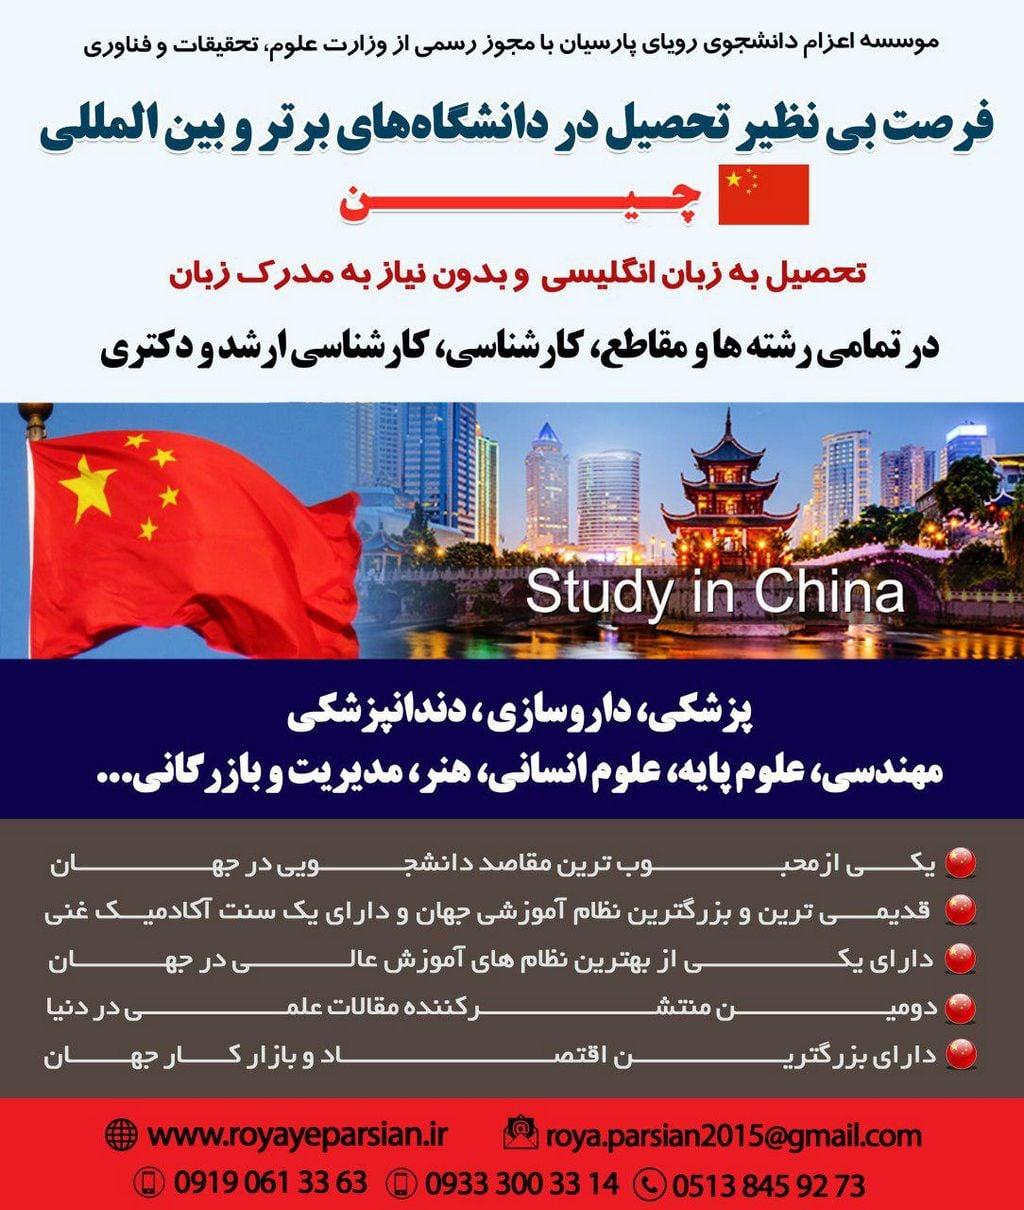 فرصت بی نظیر تحصیل در دانشگاههای برتر و بین المللی چین